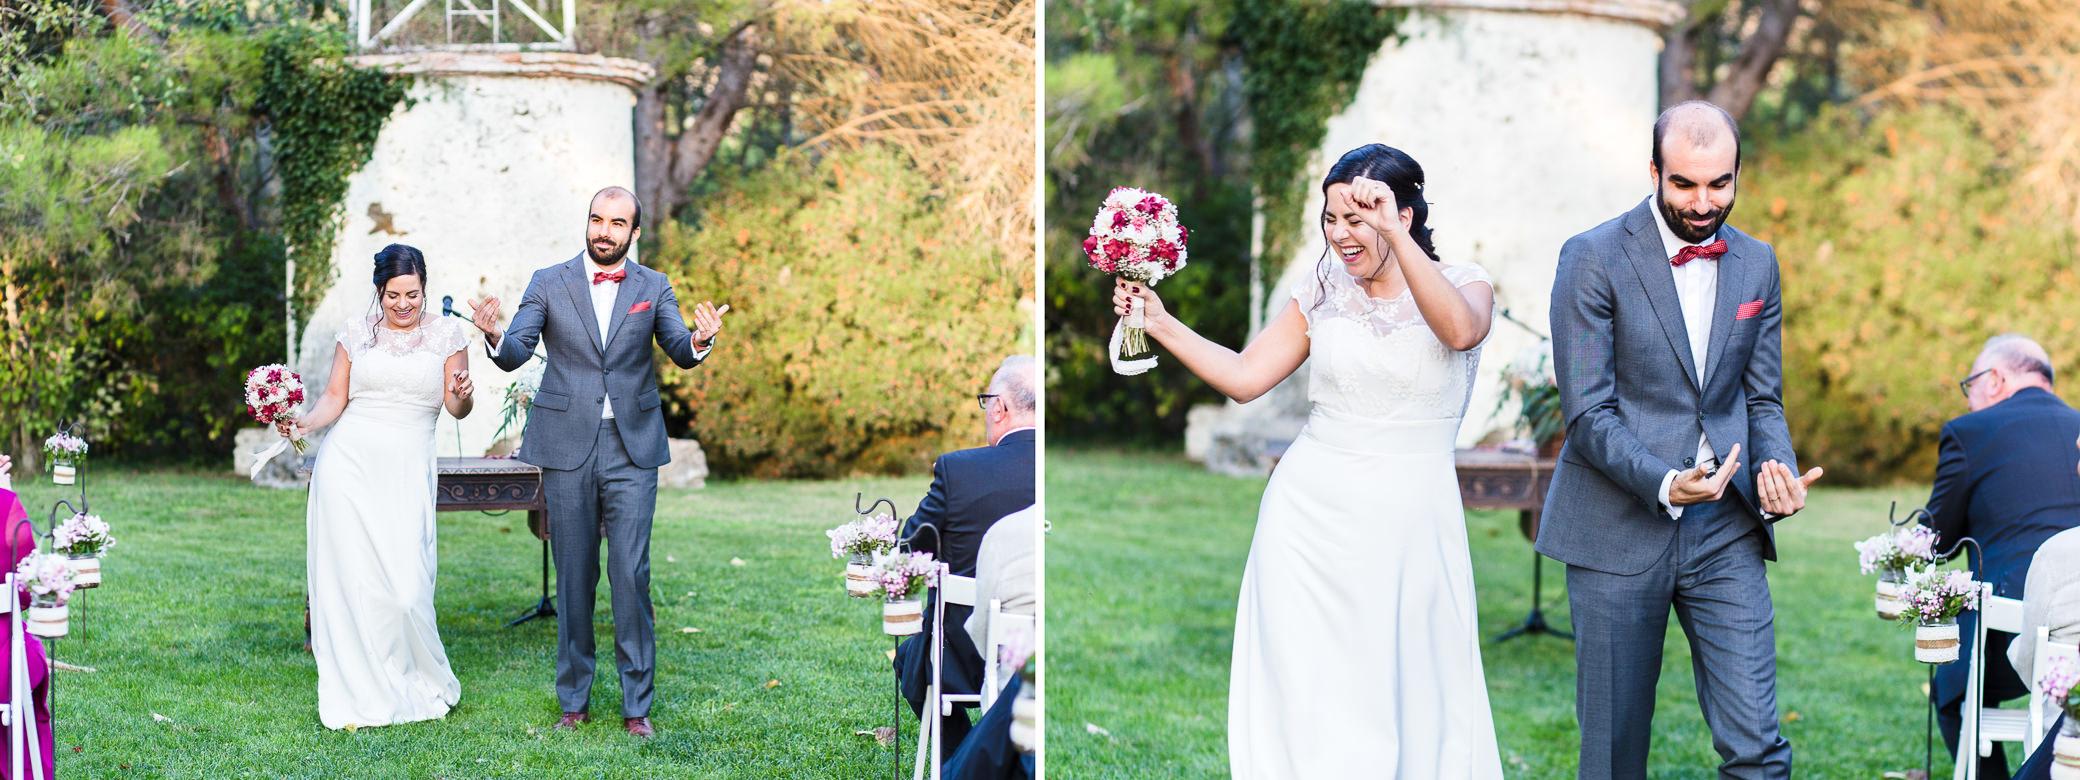 boda-espai-gastronomia-can-macia-photografeel-9-2.jpg